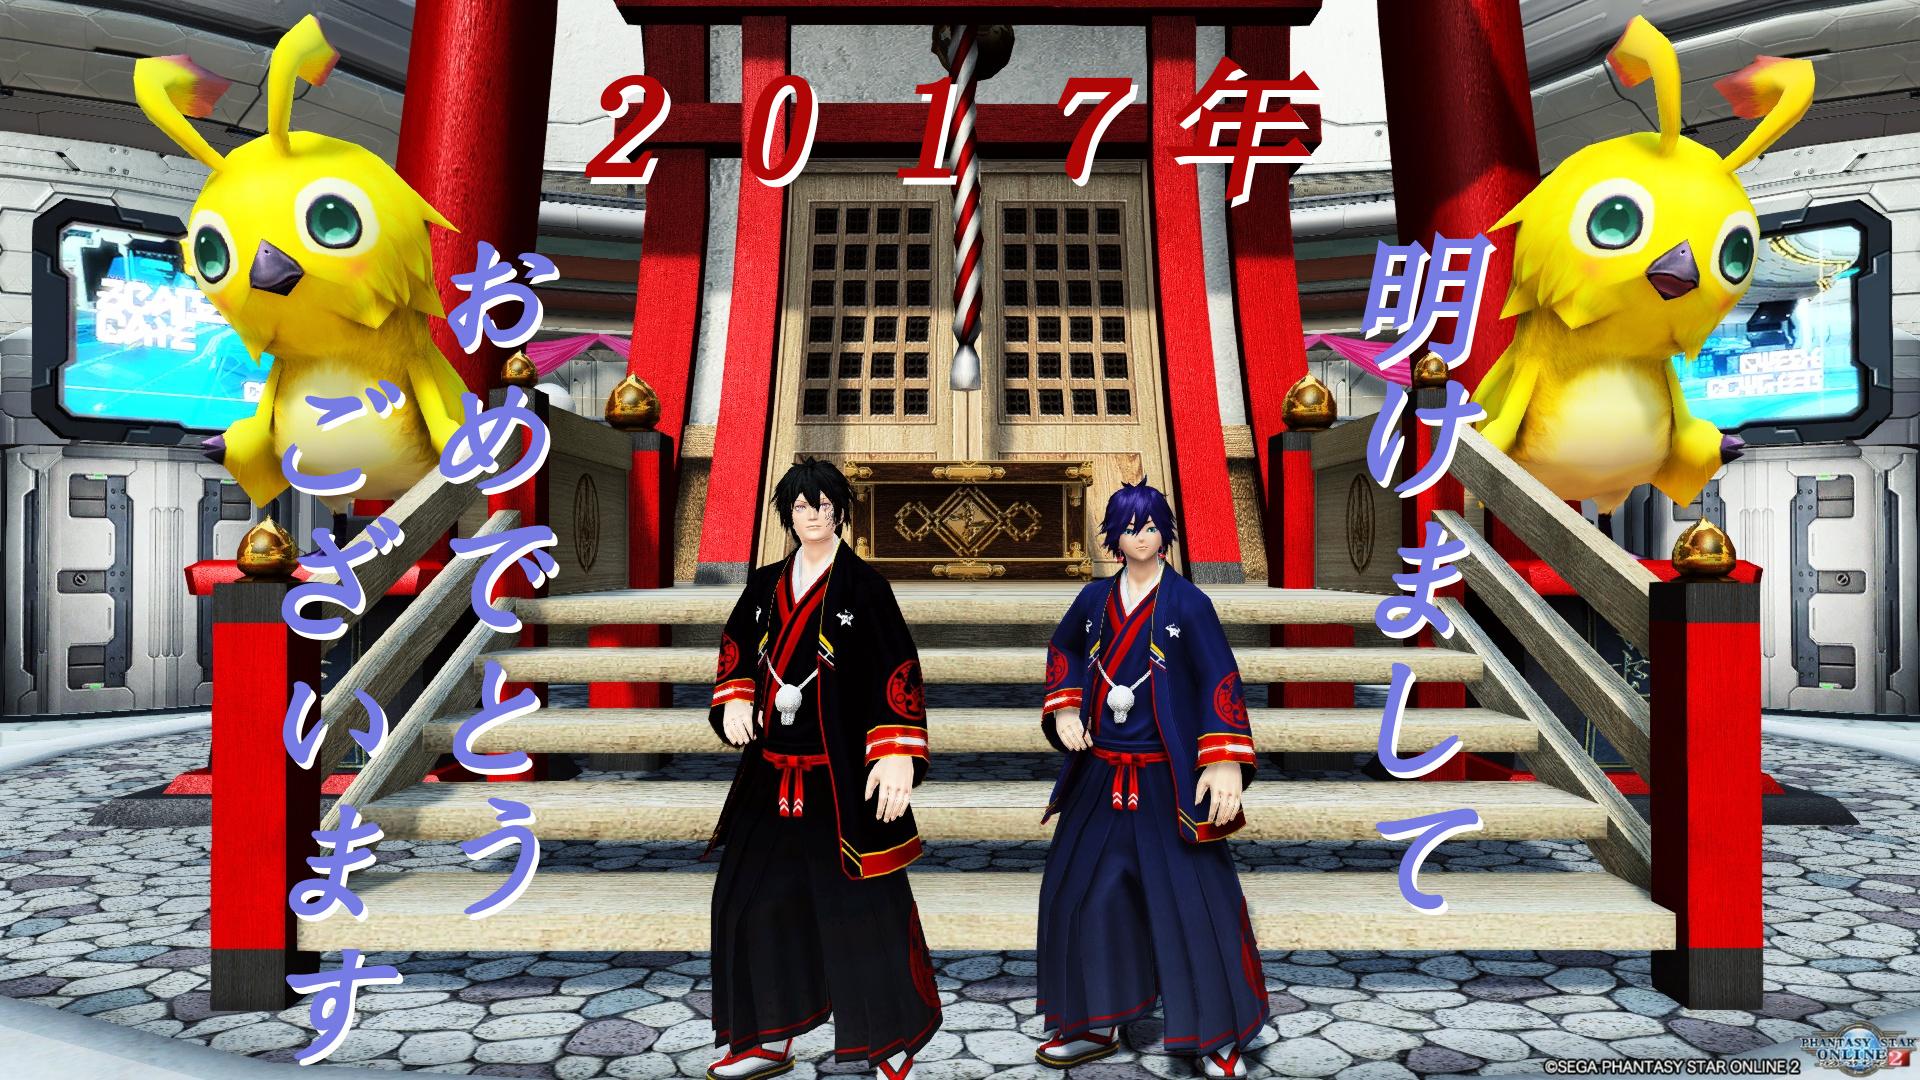 2017年明けましておめでとうございます